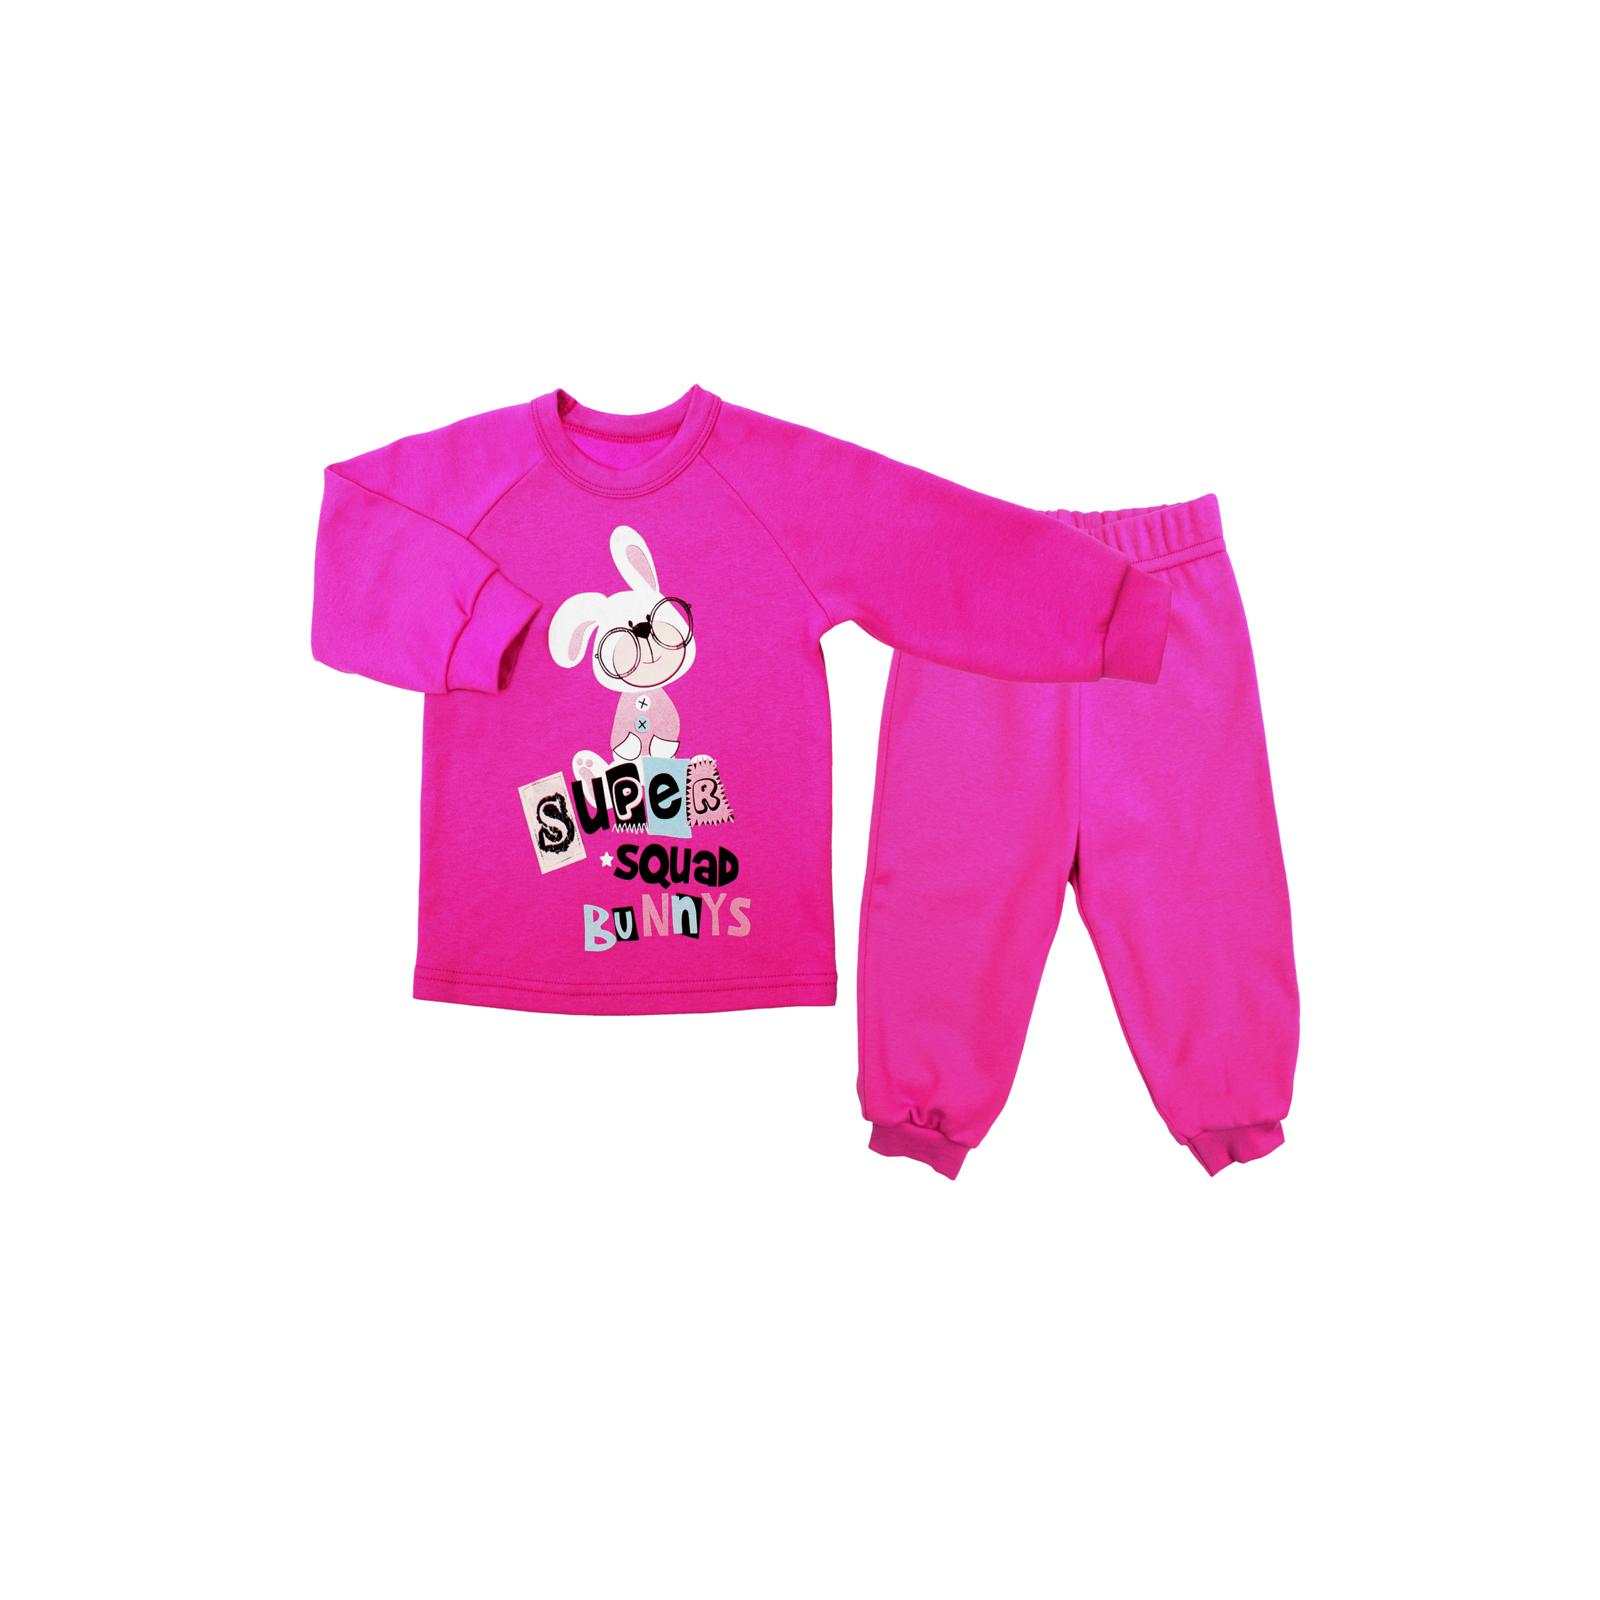 Комплект Бимоша для девочки: джемпер+брюки, цвет фуксия 12-18 мес.